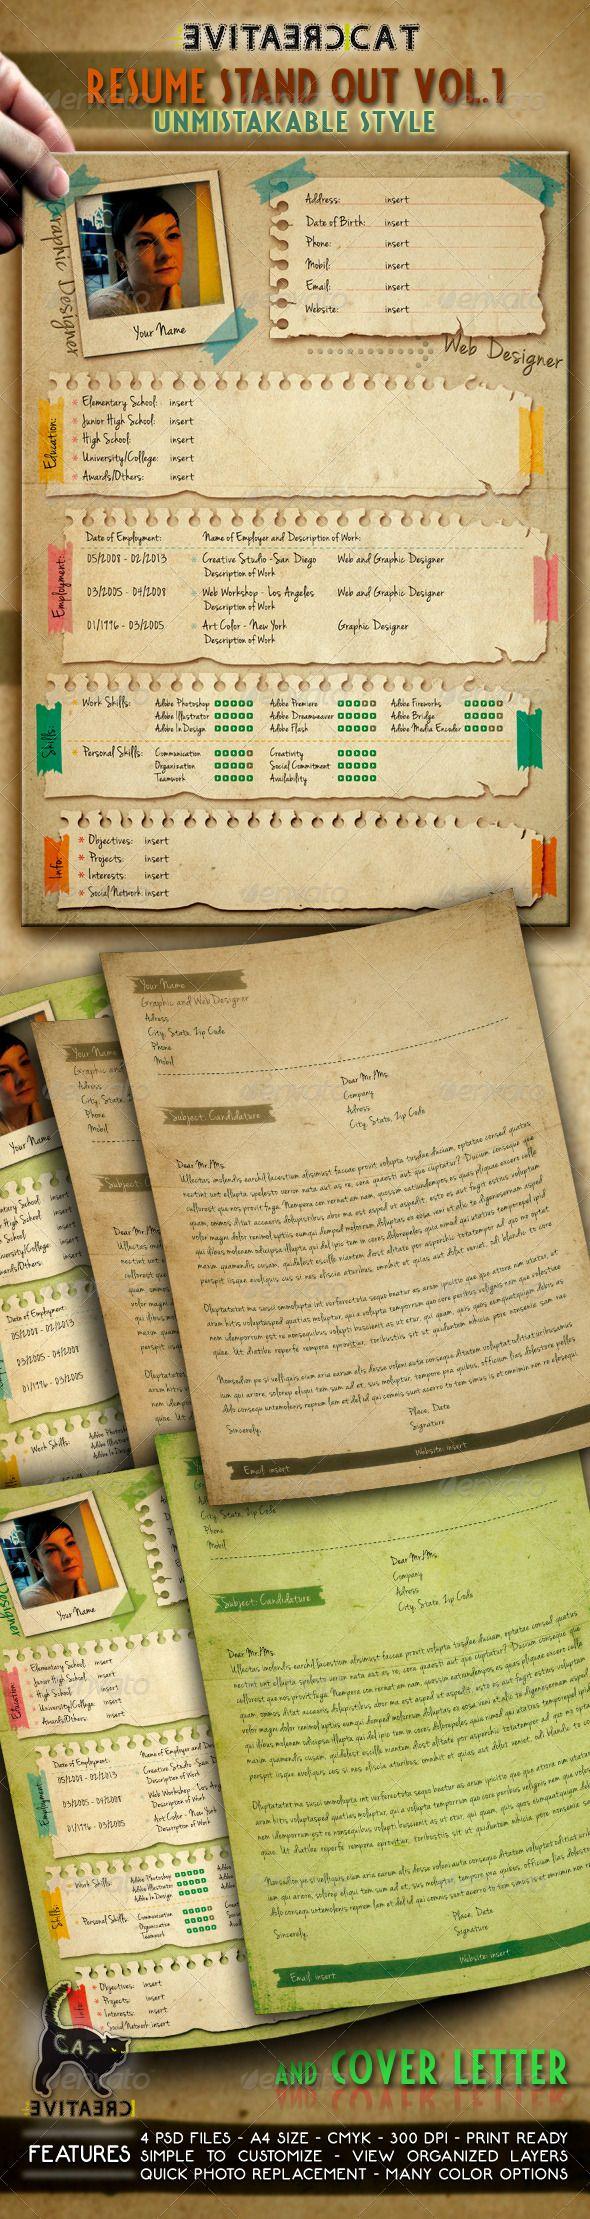 ResumeCV Cover Letter Vol1 101 best